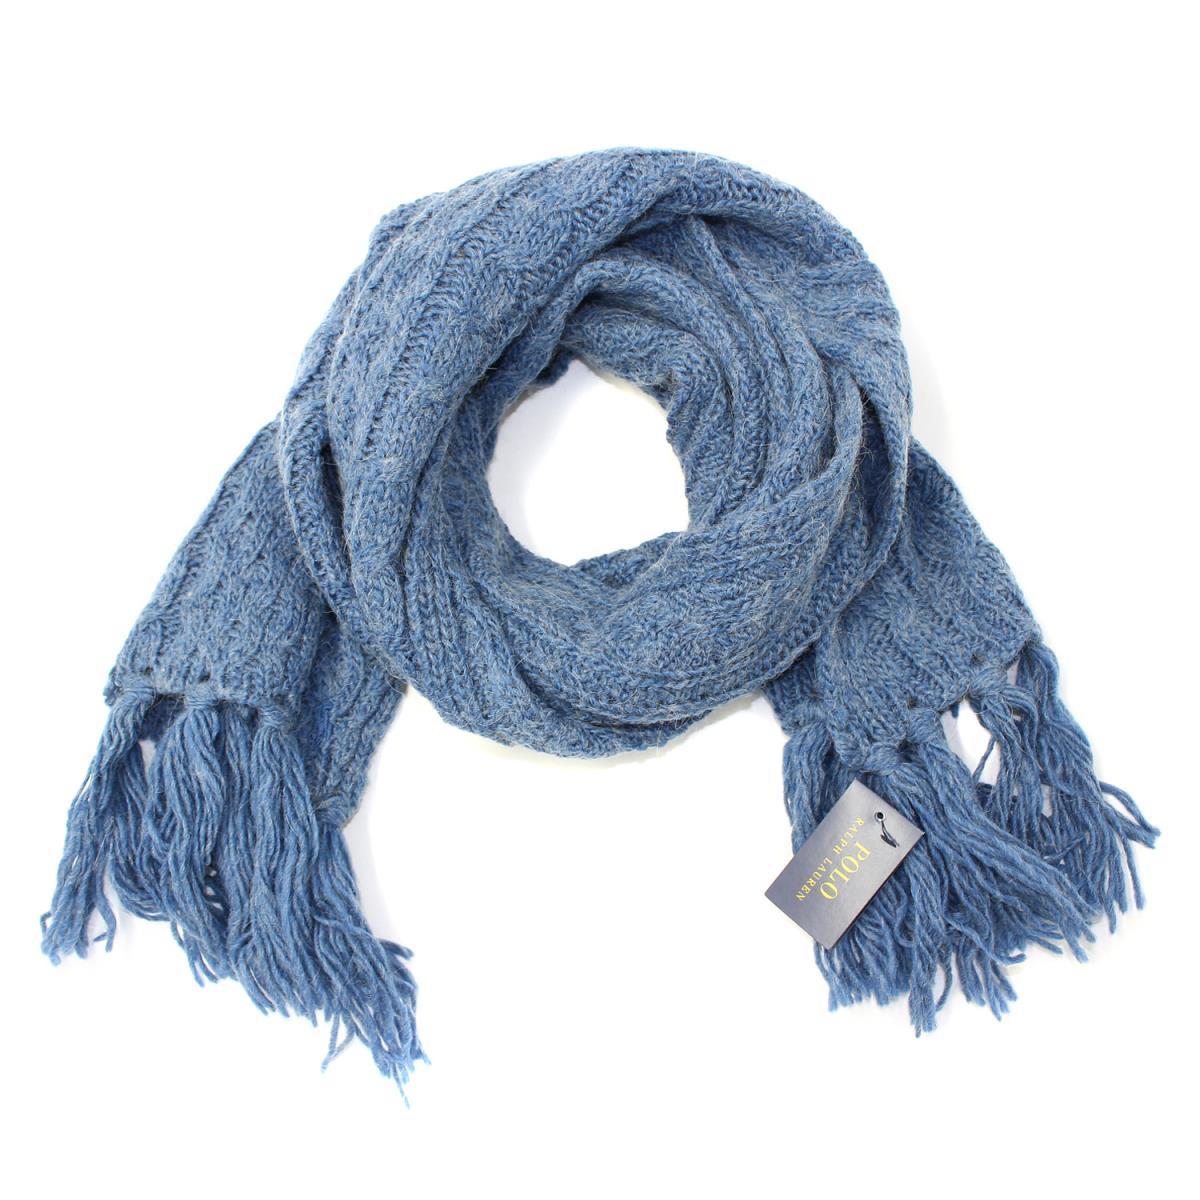 6079e38b6f1 POLO RALPH LAUREN (polo Ralph Lauren) scarf gloves knit hat beanie ensemble  is blue